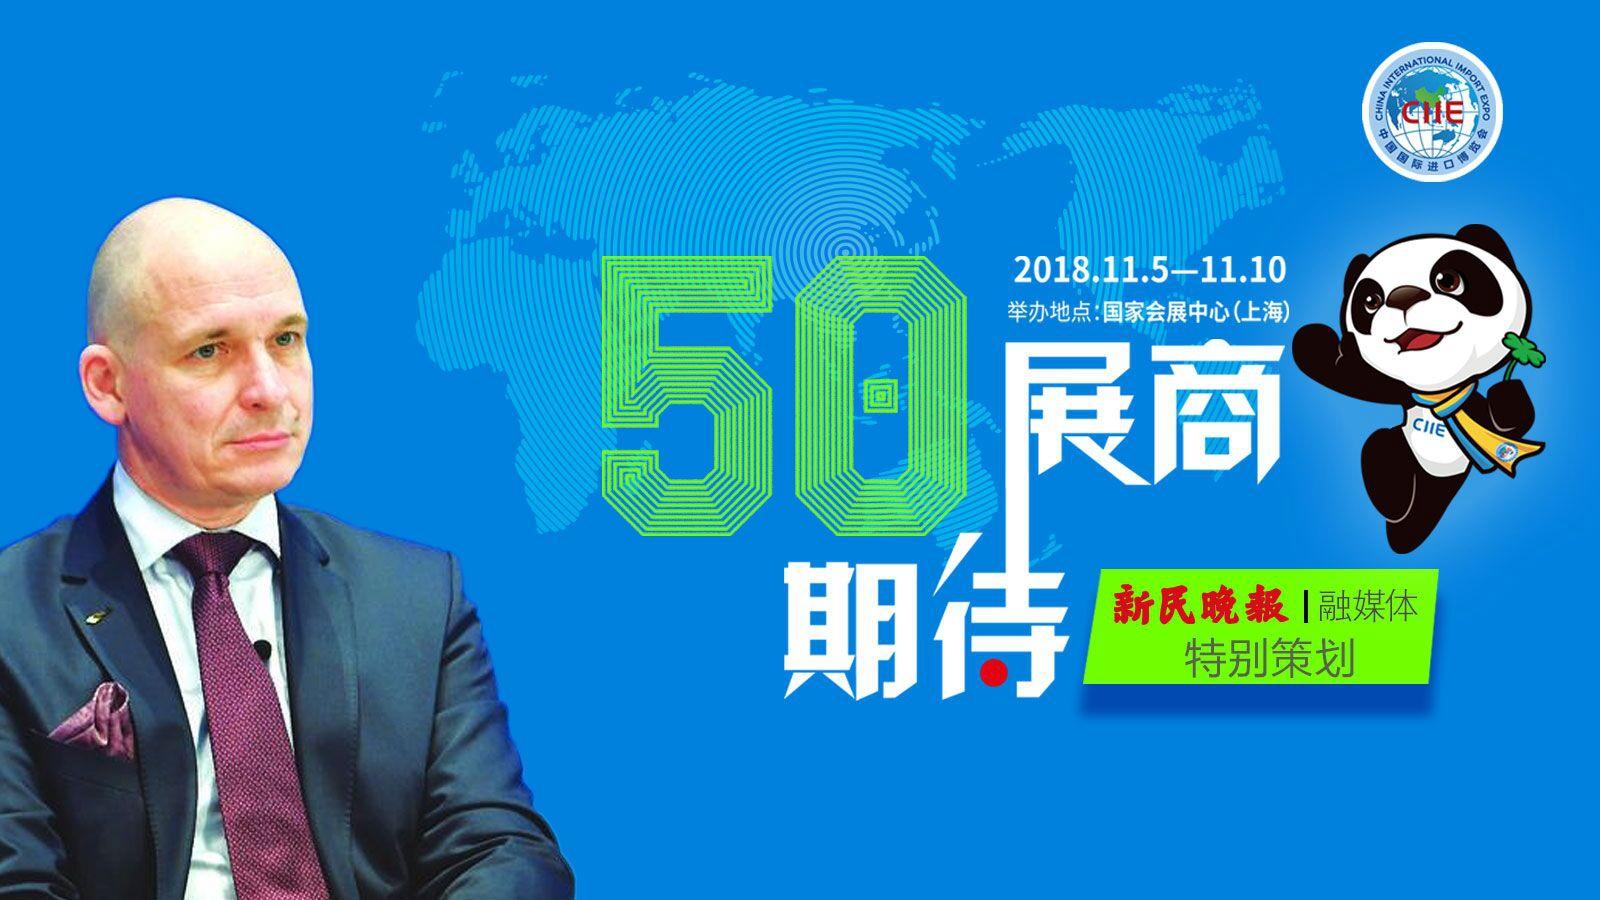 50展商·50期待 | 乐斯福看好进博会平台拓展销售渠道 未来会把研发创新重点引进中国